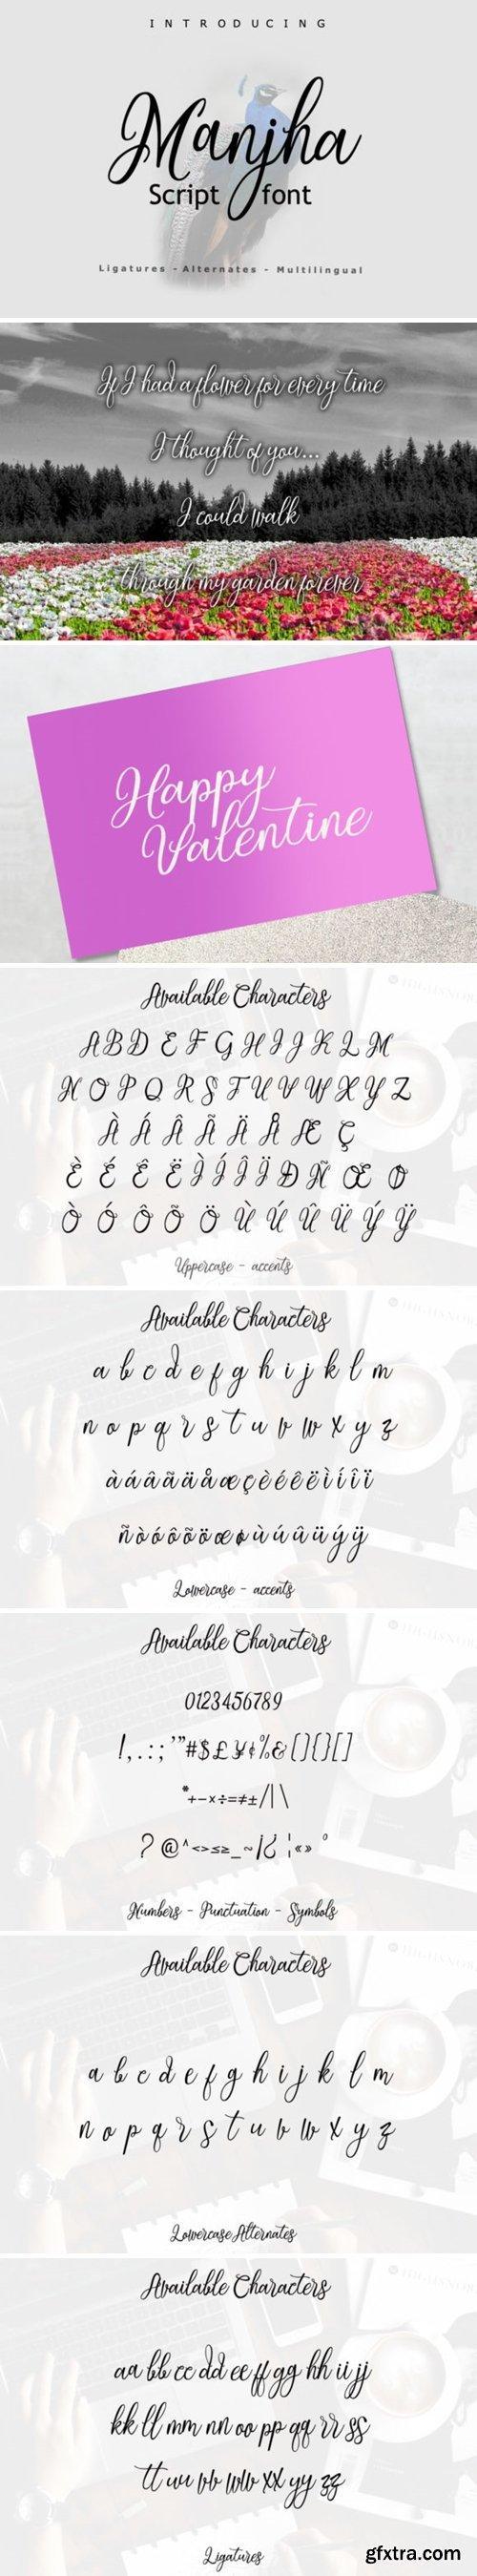 Manjha Font